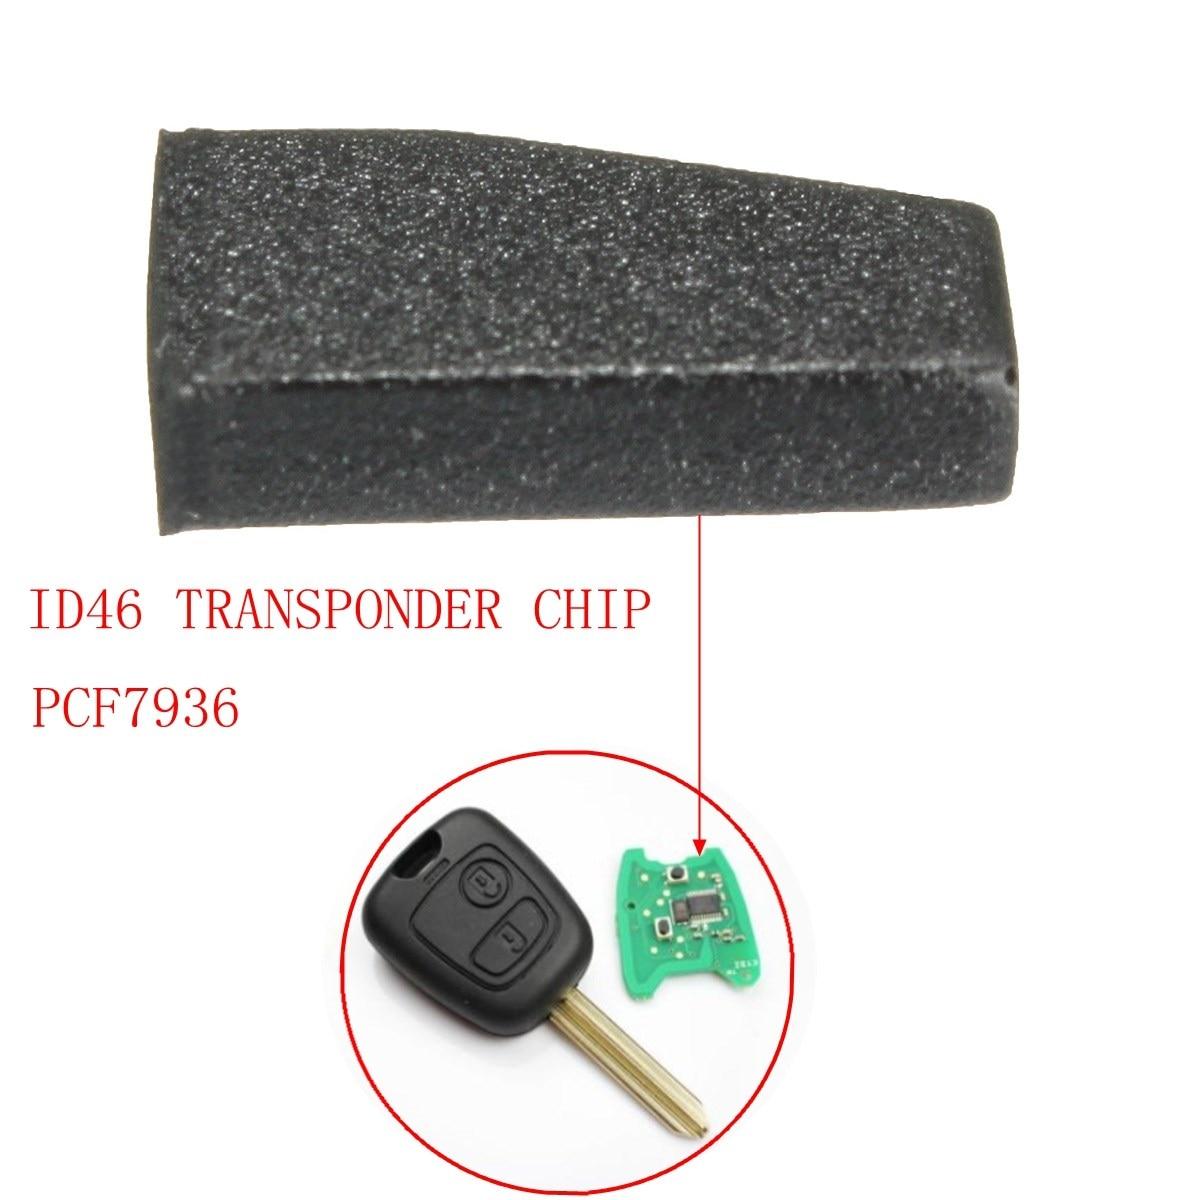 Car Key Transponder Blank Id46 Pcf7936 Virgin Transponder Chip For